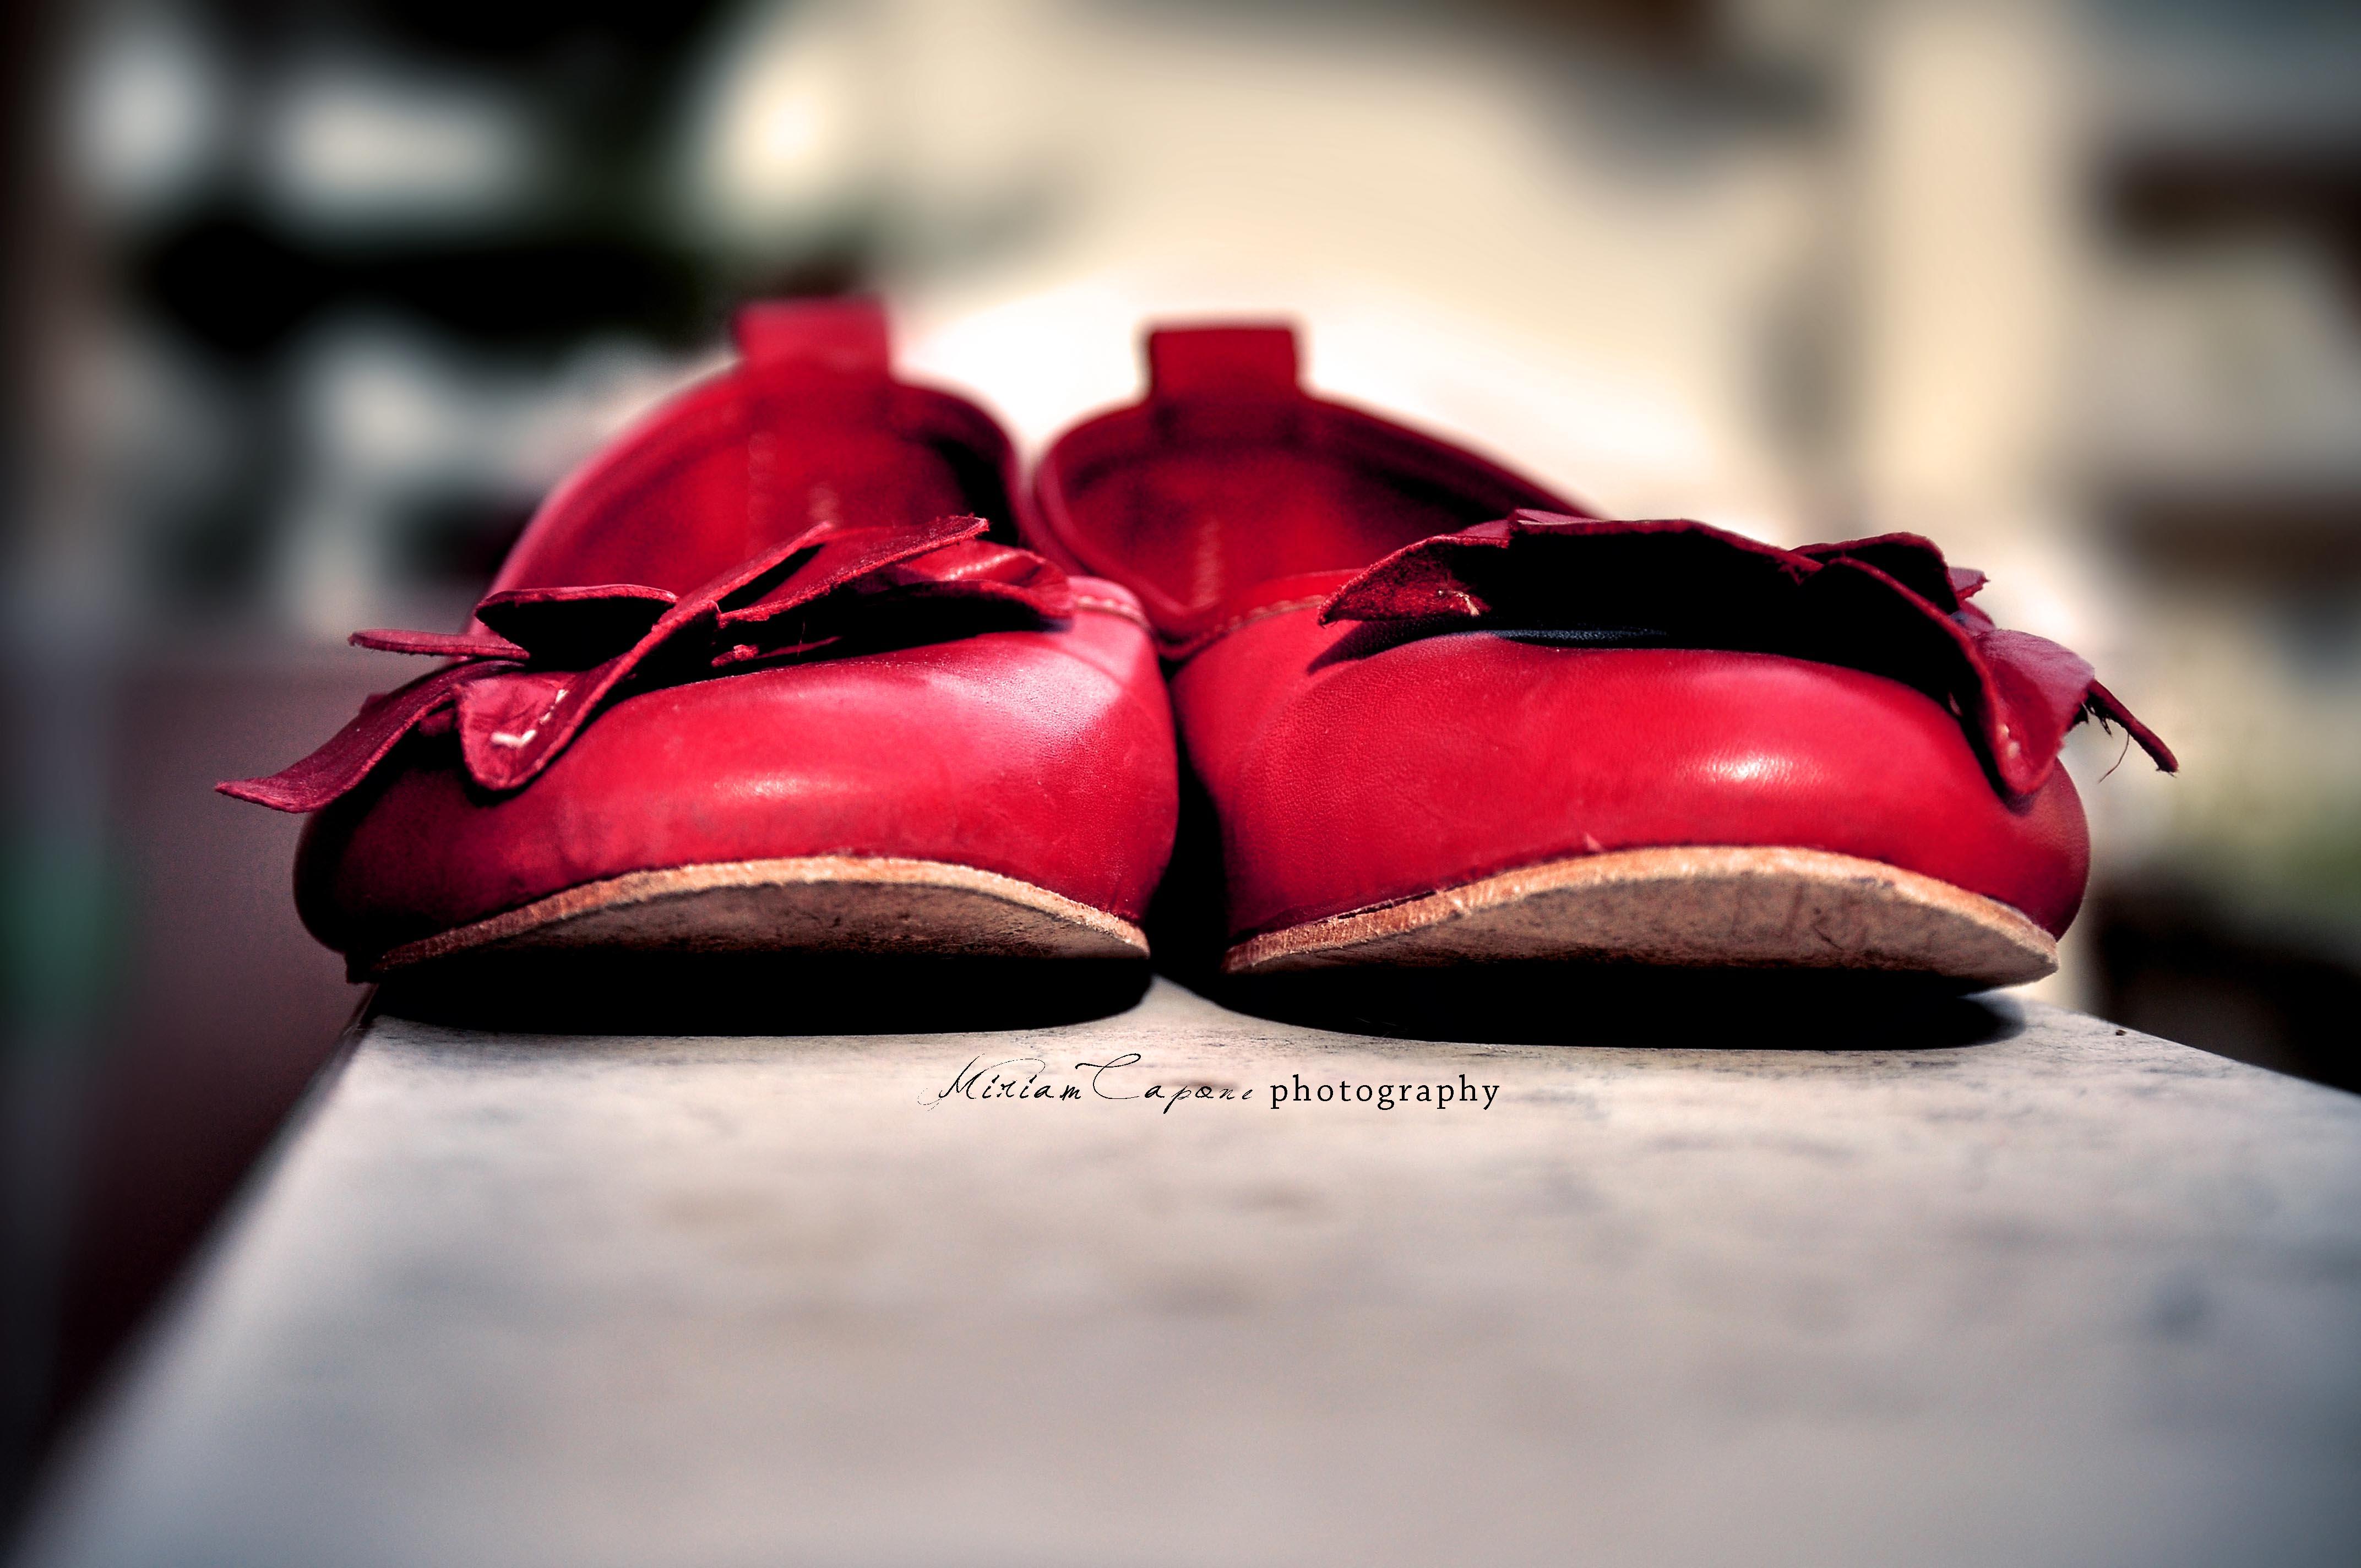 solesino scarpette rosse per ricordare l olocausto estensione solesino scarpette rosse per ricordare